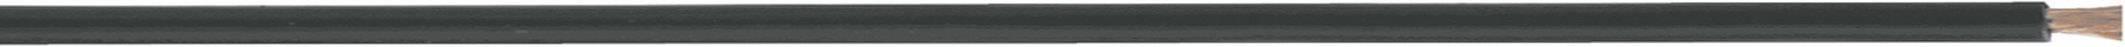 Merací vodič LappKabel 4560037S LiFY, 1 x 1.50 mm², vonkajší Ø 3.70 mm, metrový tovar, zelenožltá